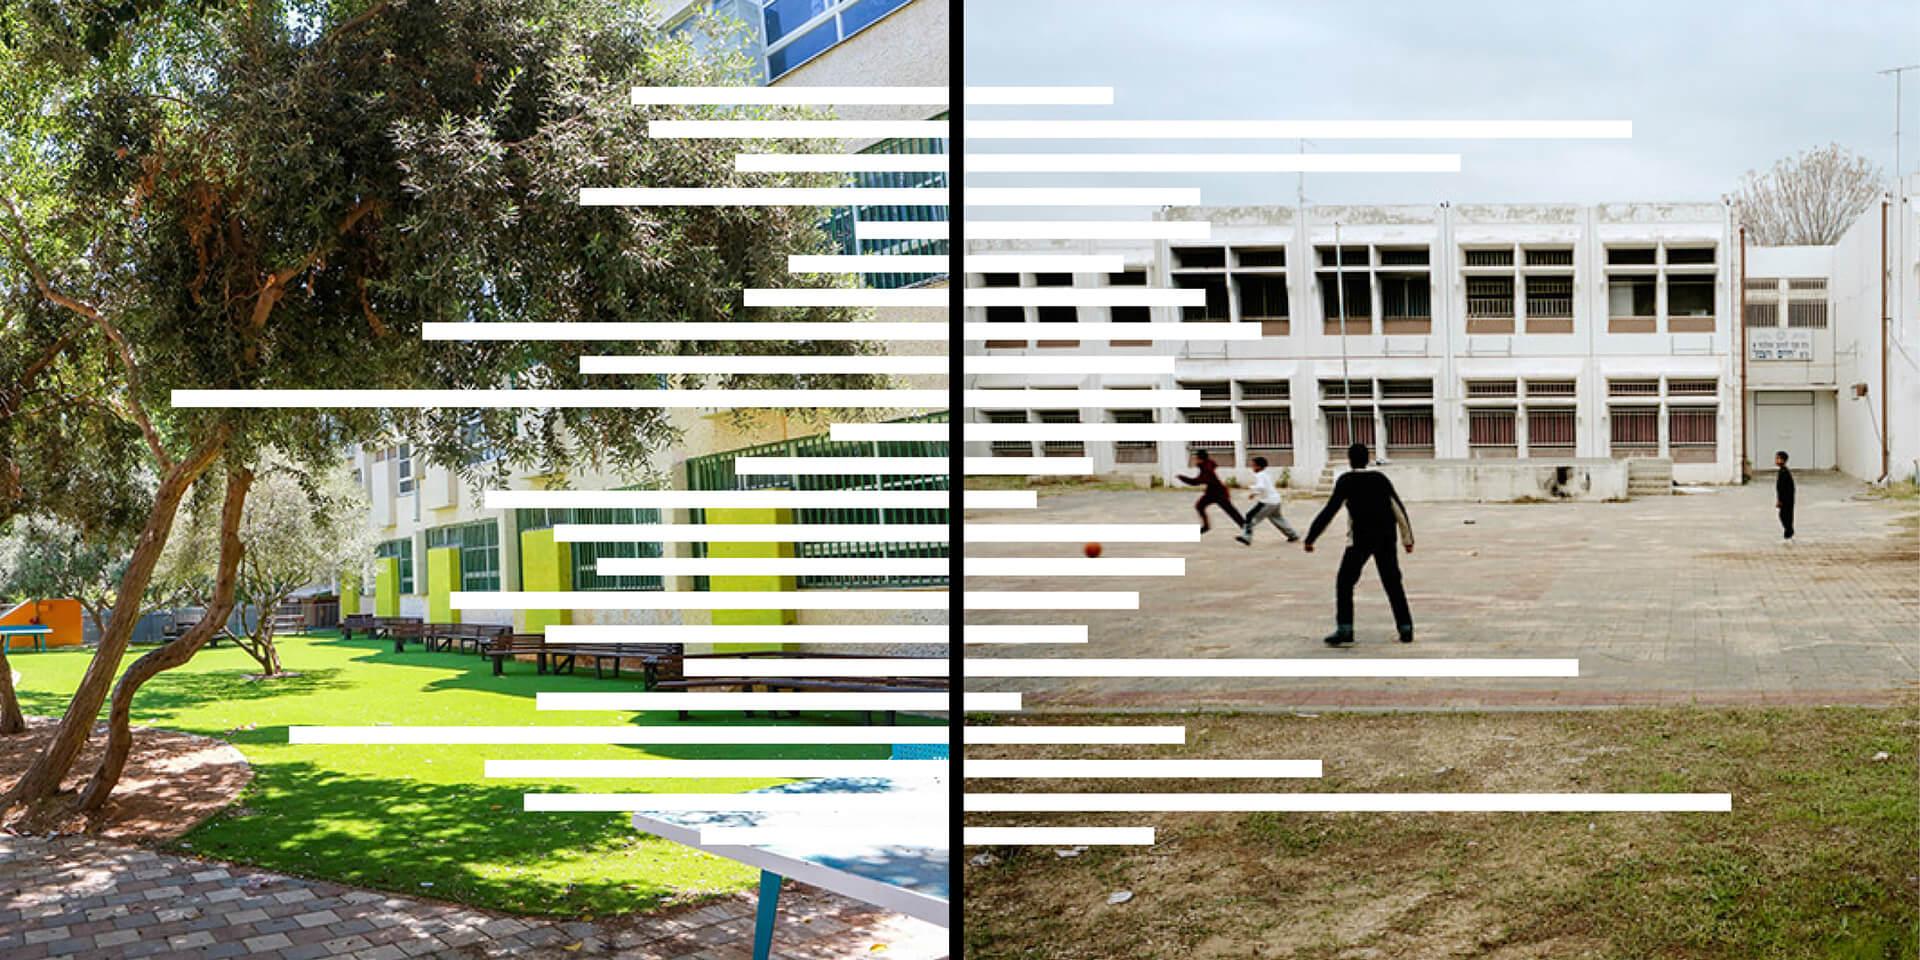 איסוף ועיבוד הנתונים: דורון ברויטמן | צילום: עיבוד לתמונות של אורית שם טוב ושלומי יוסף